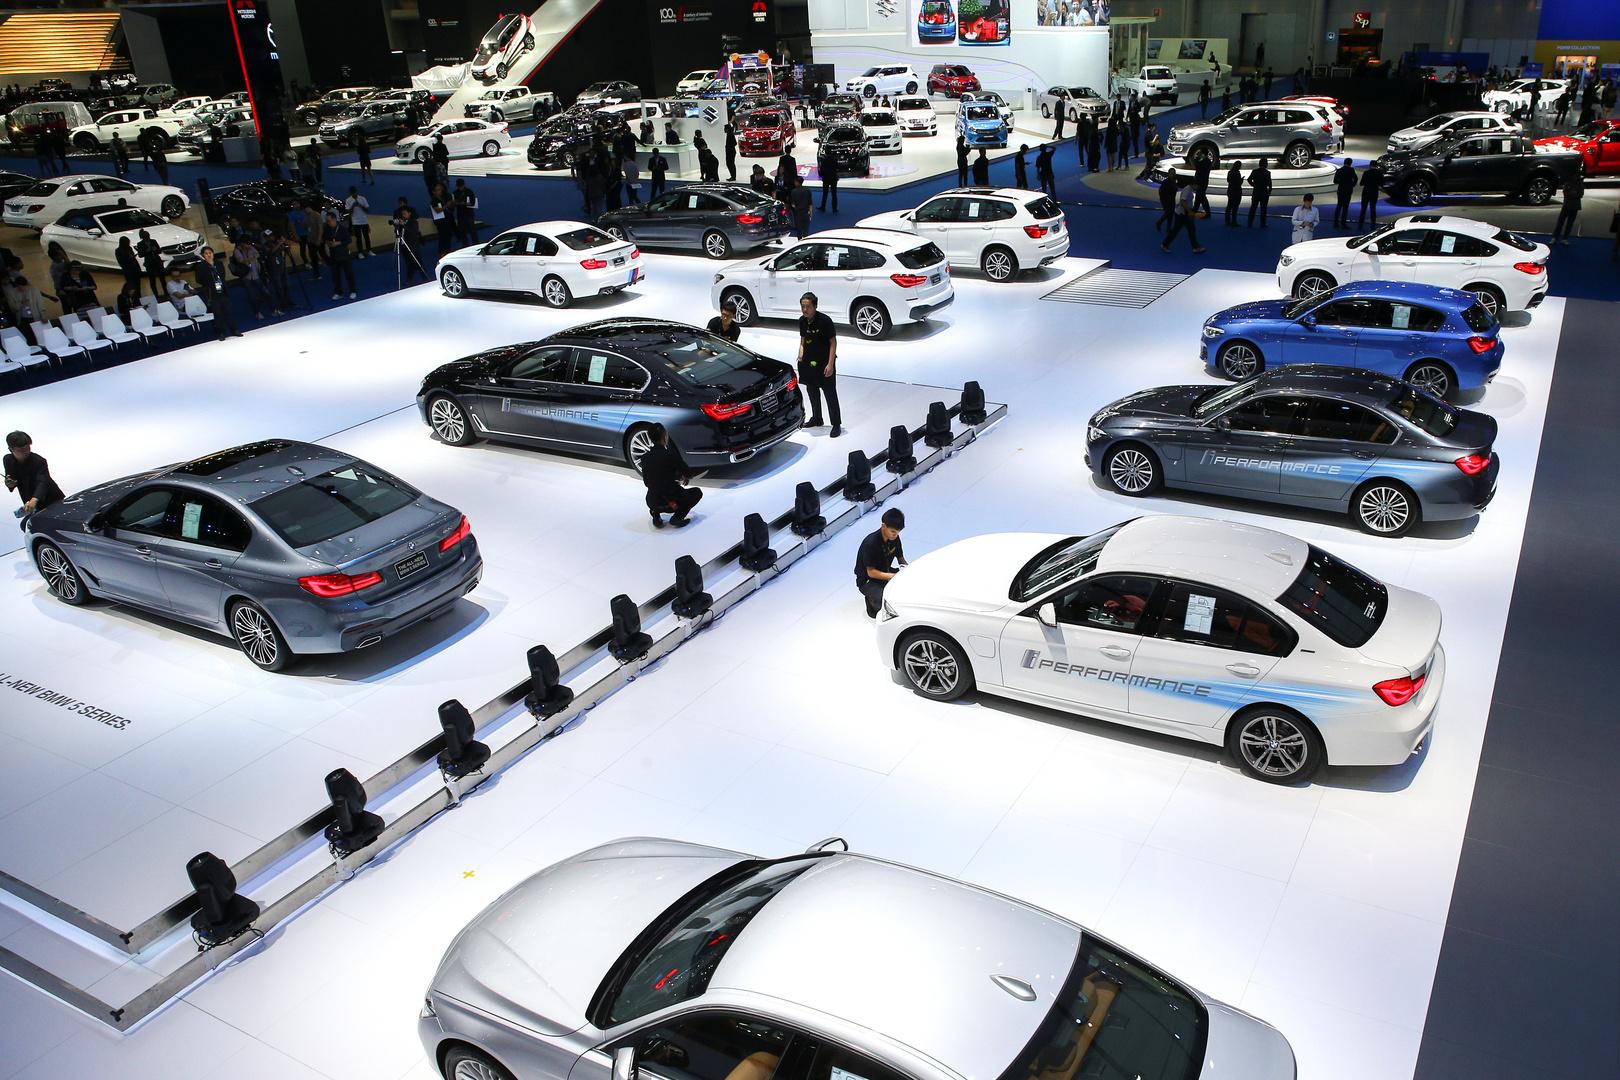 معرض بانكوك الدولي للسيارات